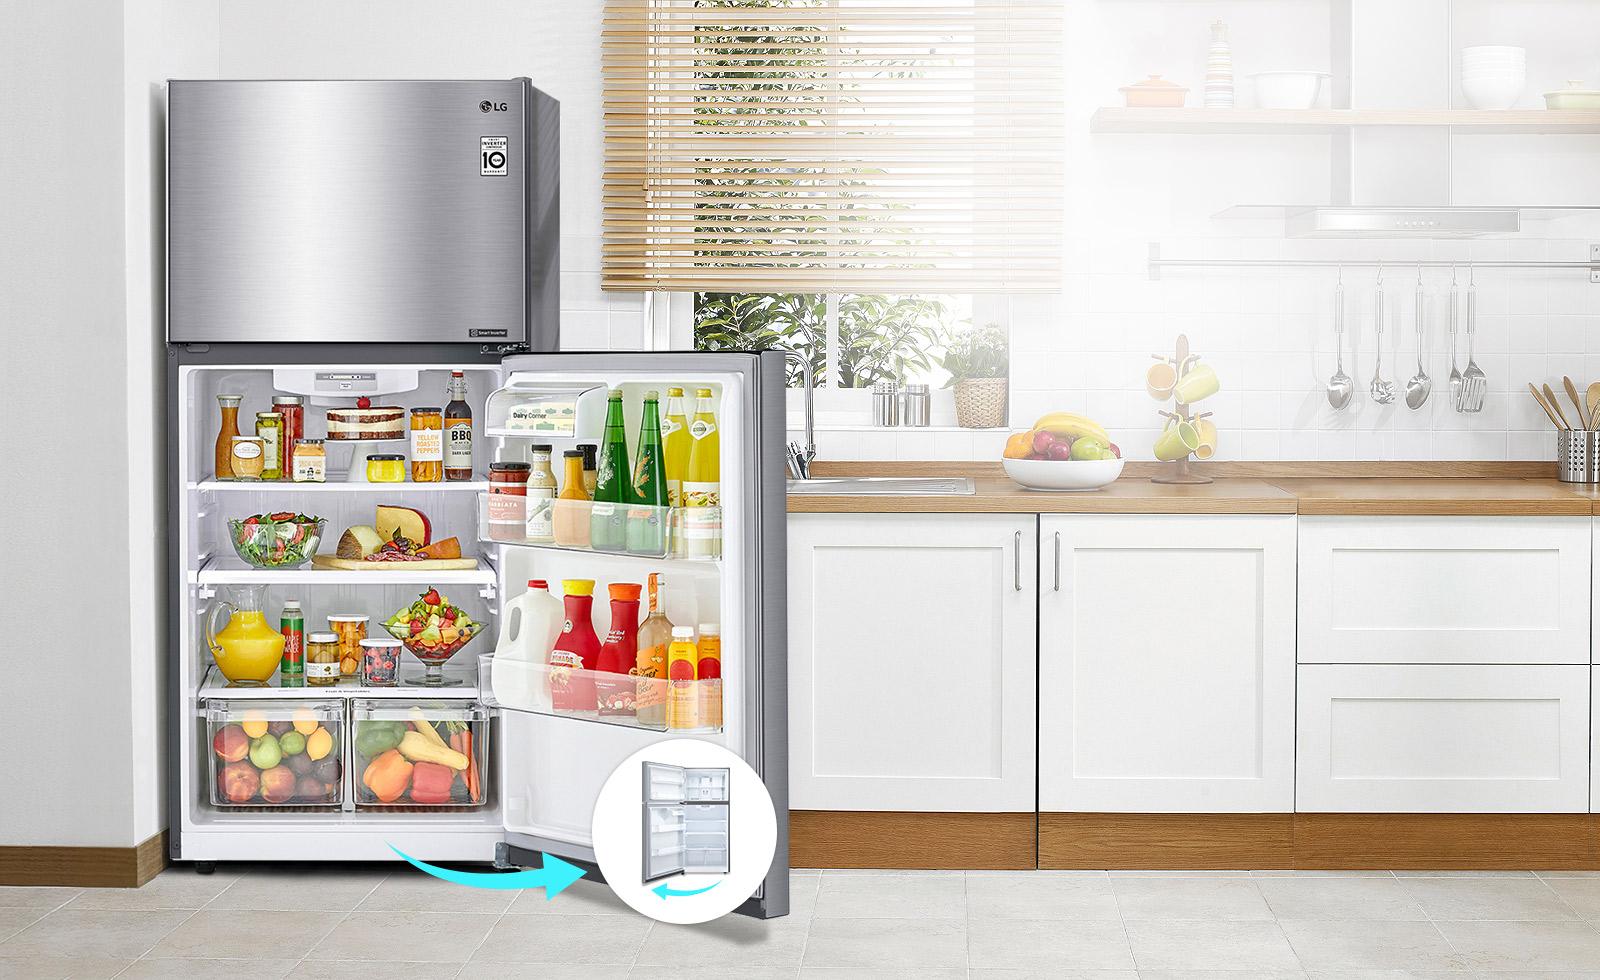 الثلاجة في مطبخ بباب يفتح جهة اليمين. بجانب الثلاجة توجد دائرة صغيرة بها صورة لنفس الثلاجة مع باب يسار مفتوح للإشارة إلى باب قابل للعكس.